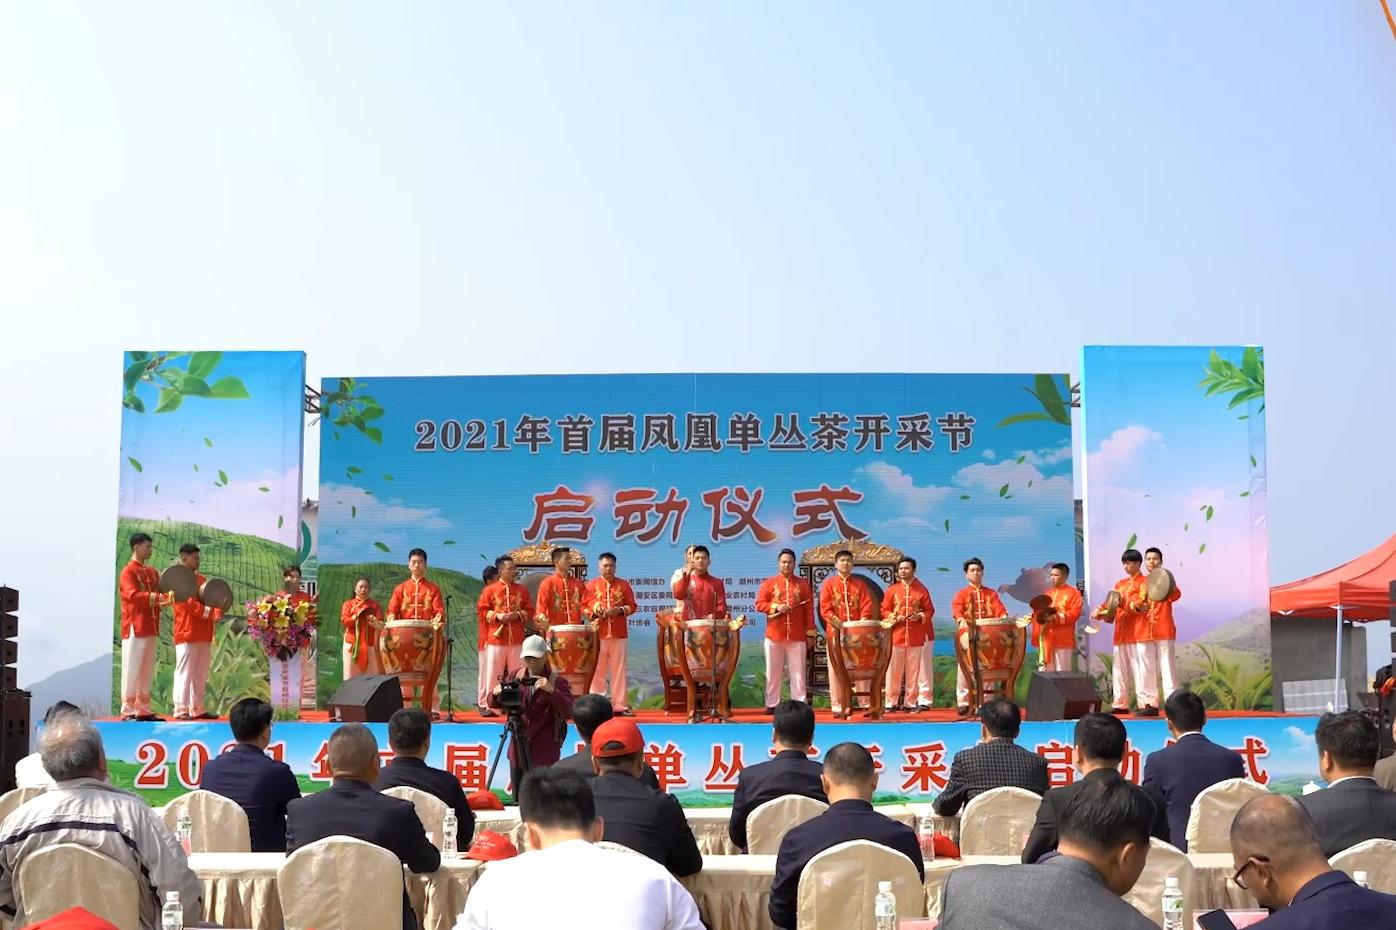 2021年首届凤凰单丛茶开采节在潮州市凤凰镇正式启动